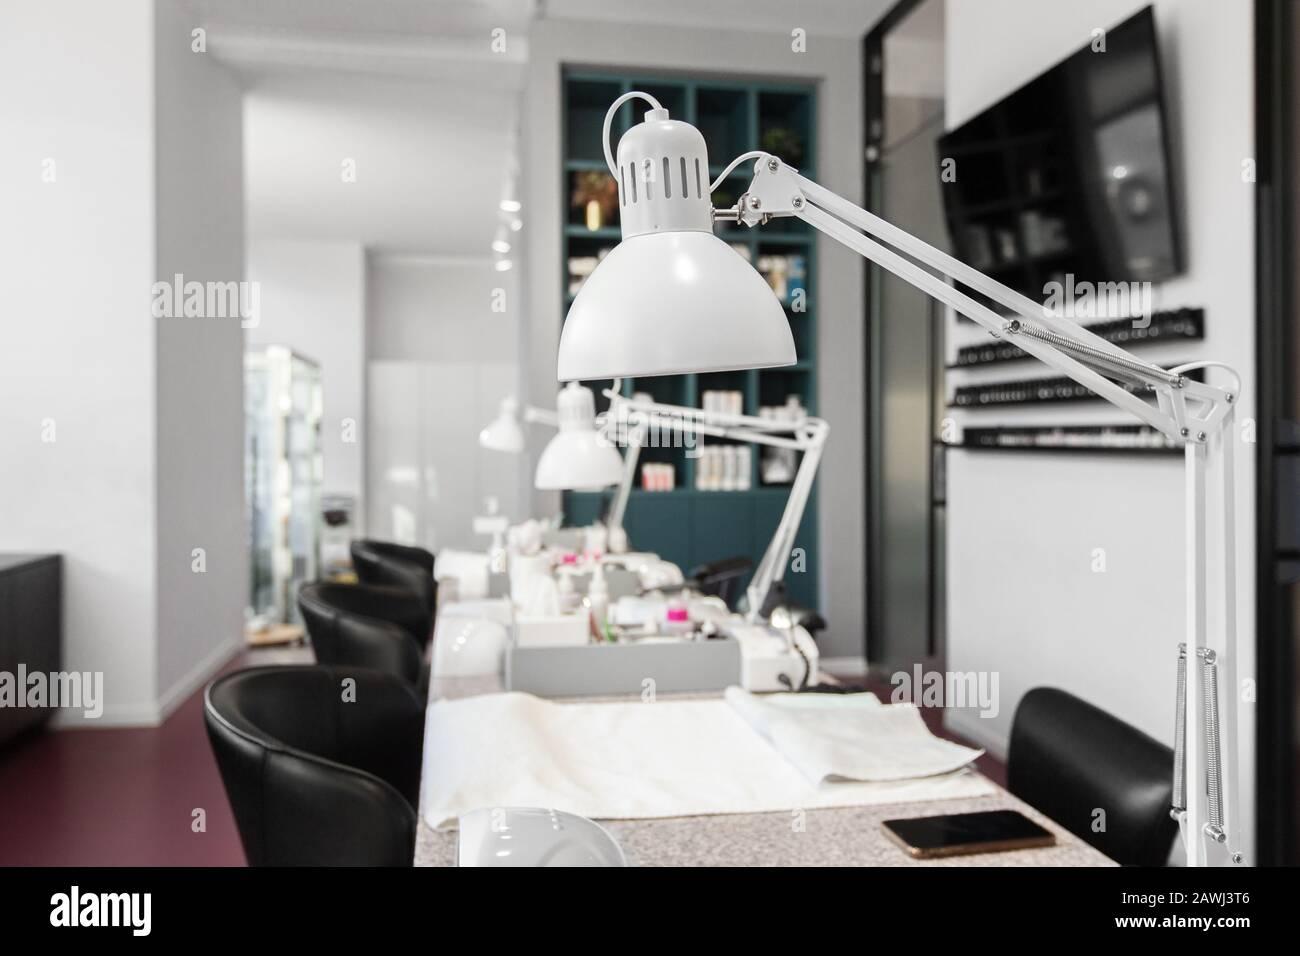 Nagelstudio Dekor Stockfotos Und Bilder Kaufen Alamy